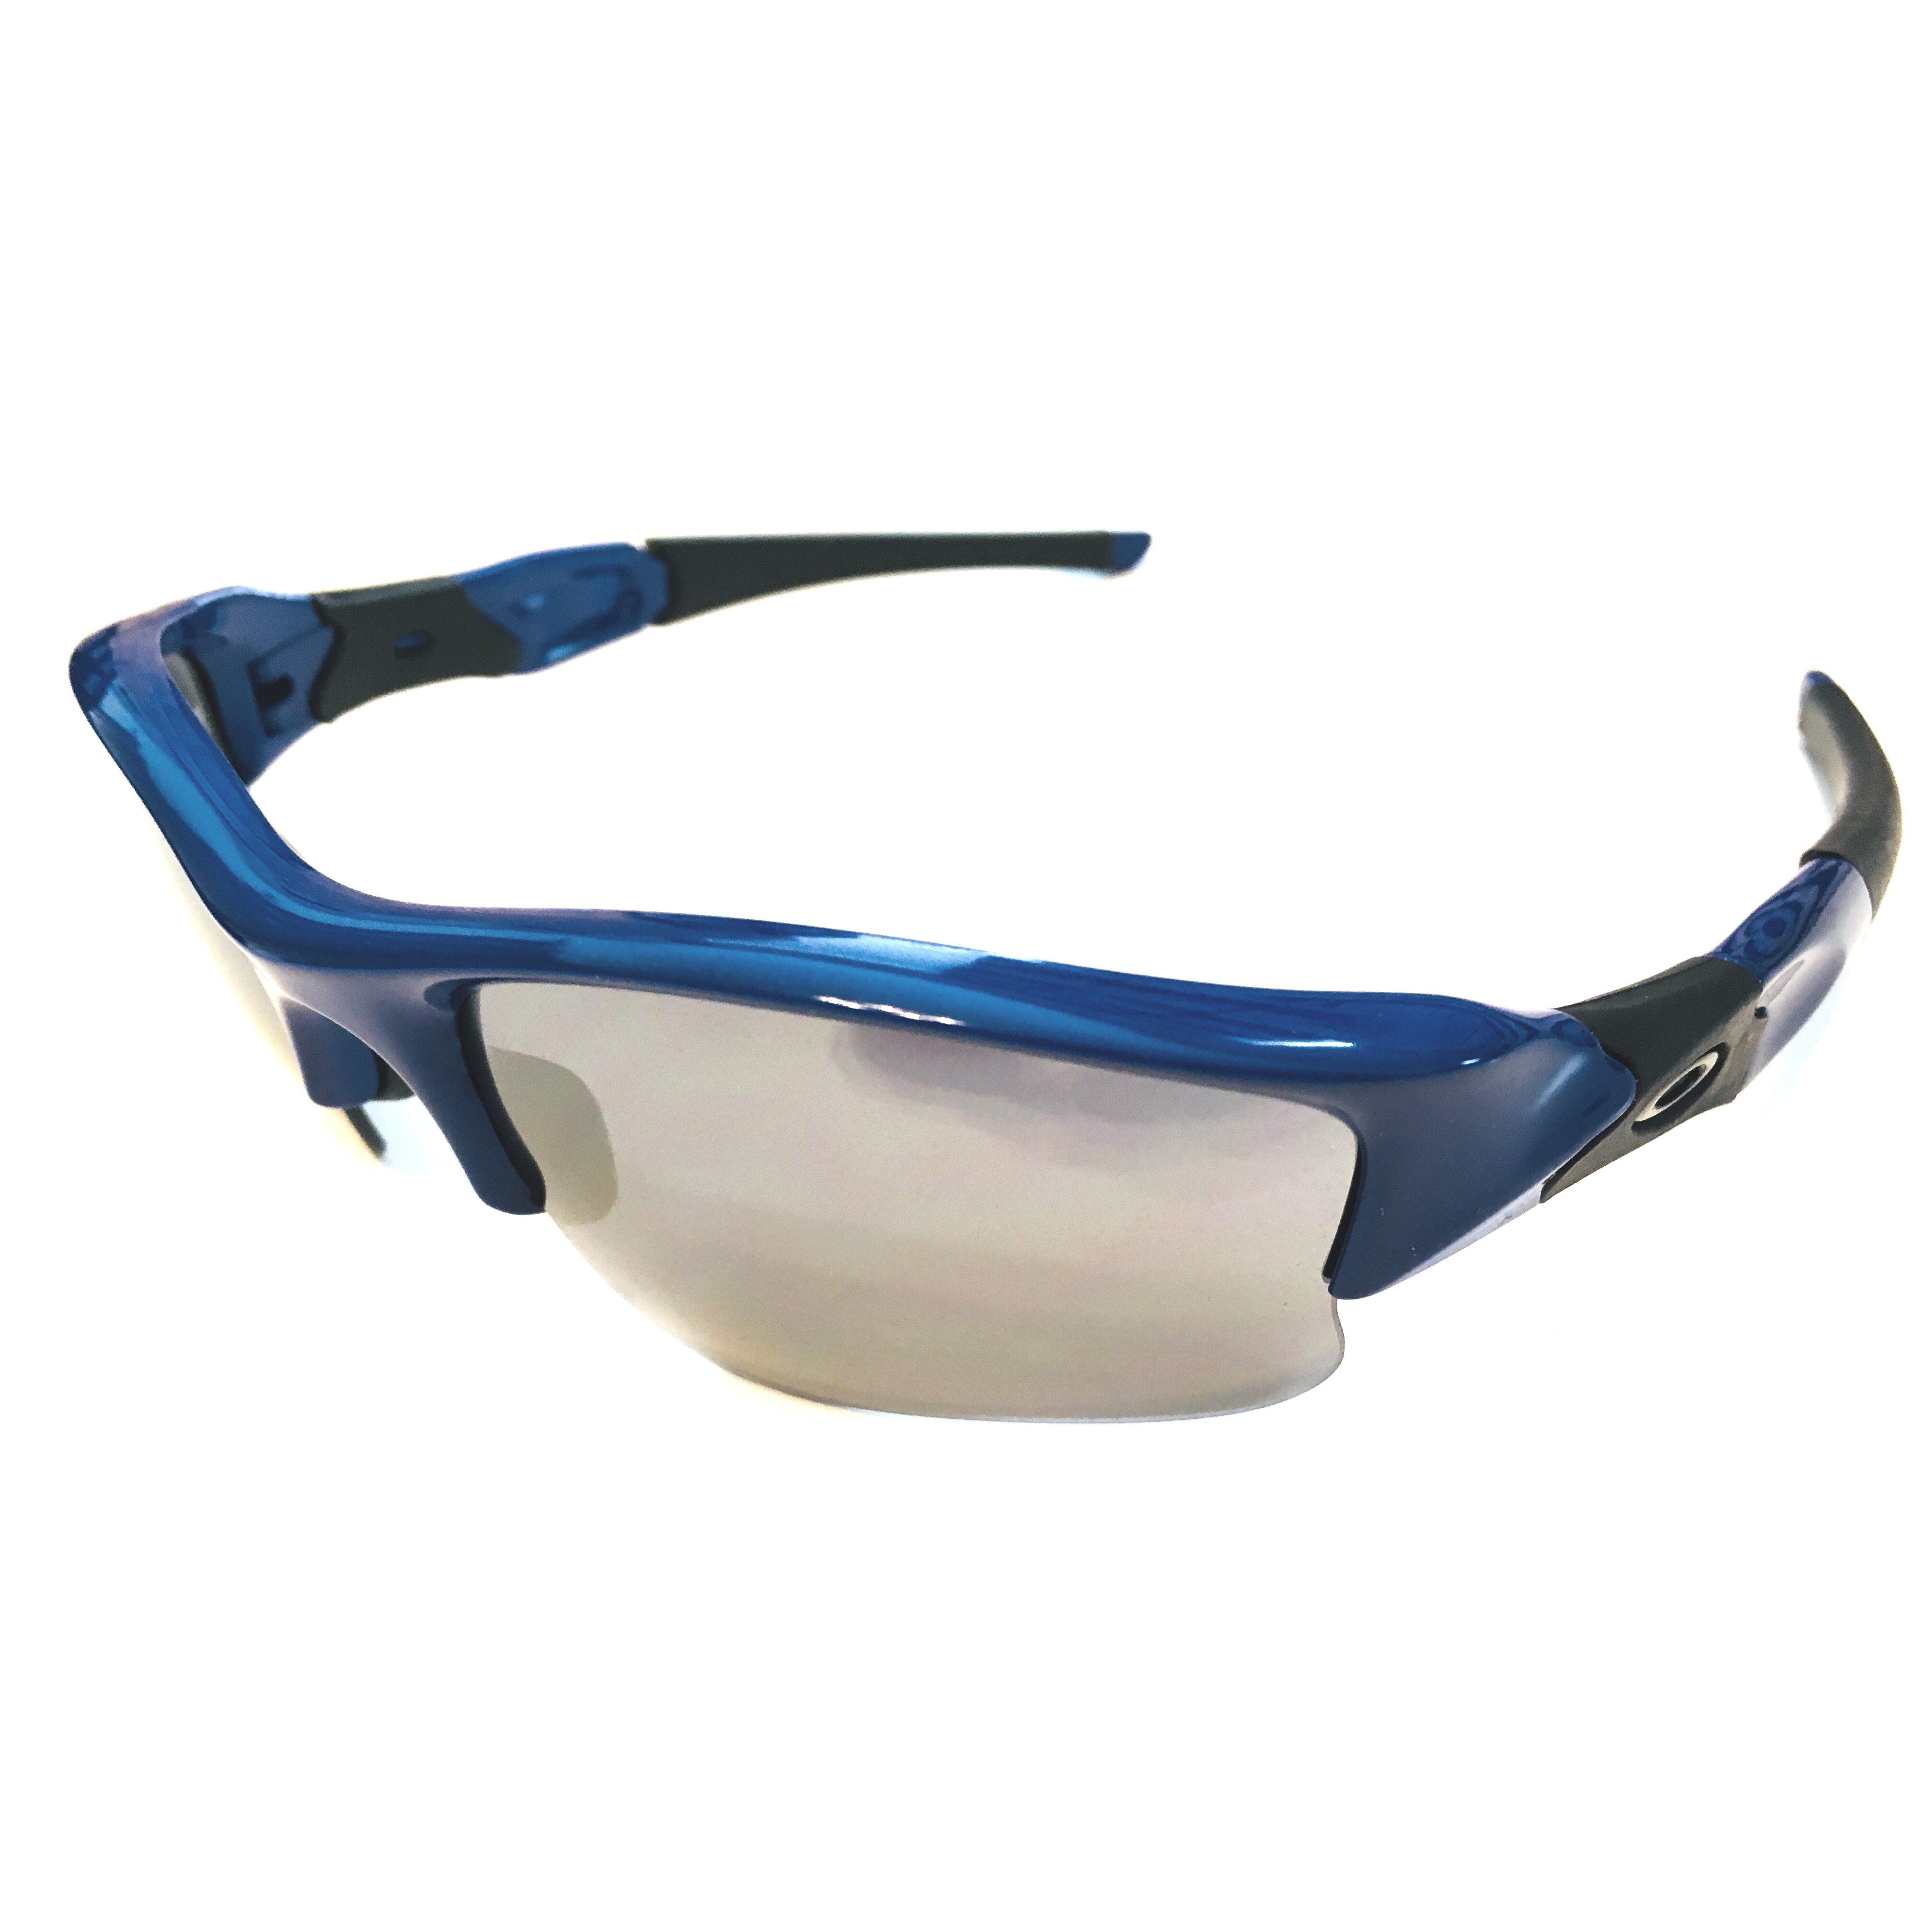 Flak Jacket Xlj >> Oakley Flak Jacket XLJ Sunglasses MPH – Team Blue Frame – Black Iridium Lens OO9009-2963 ...